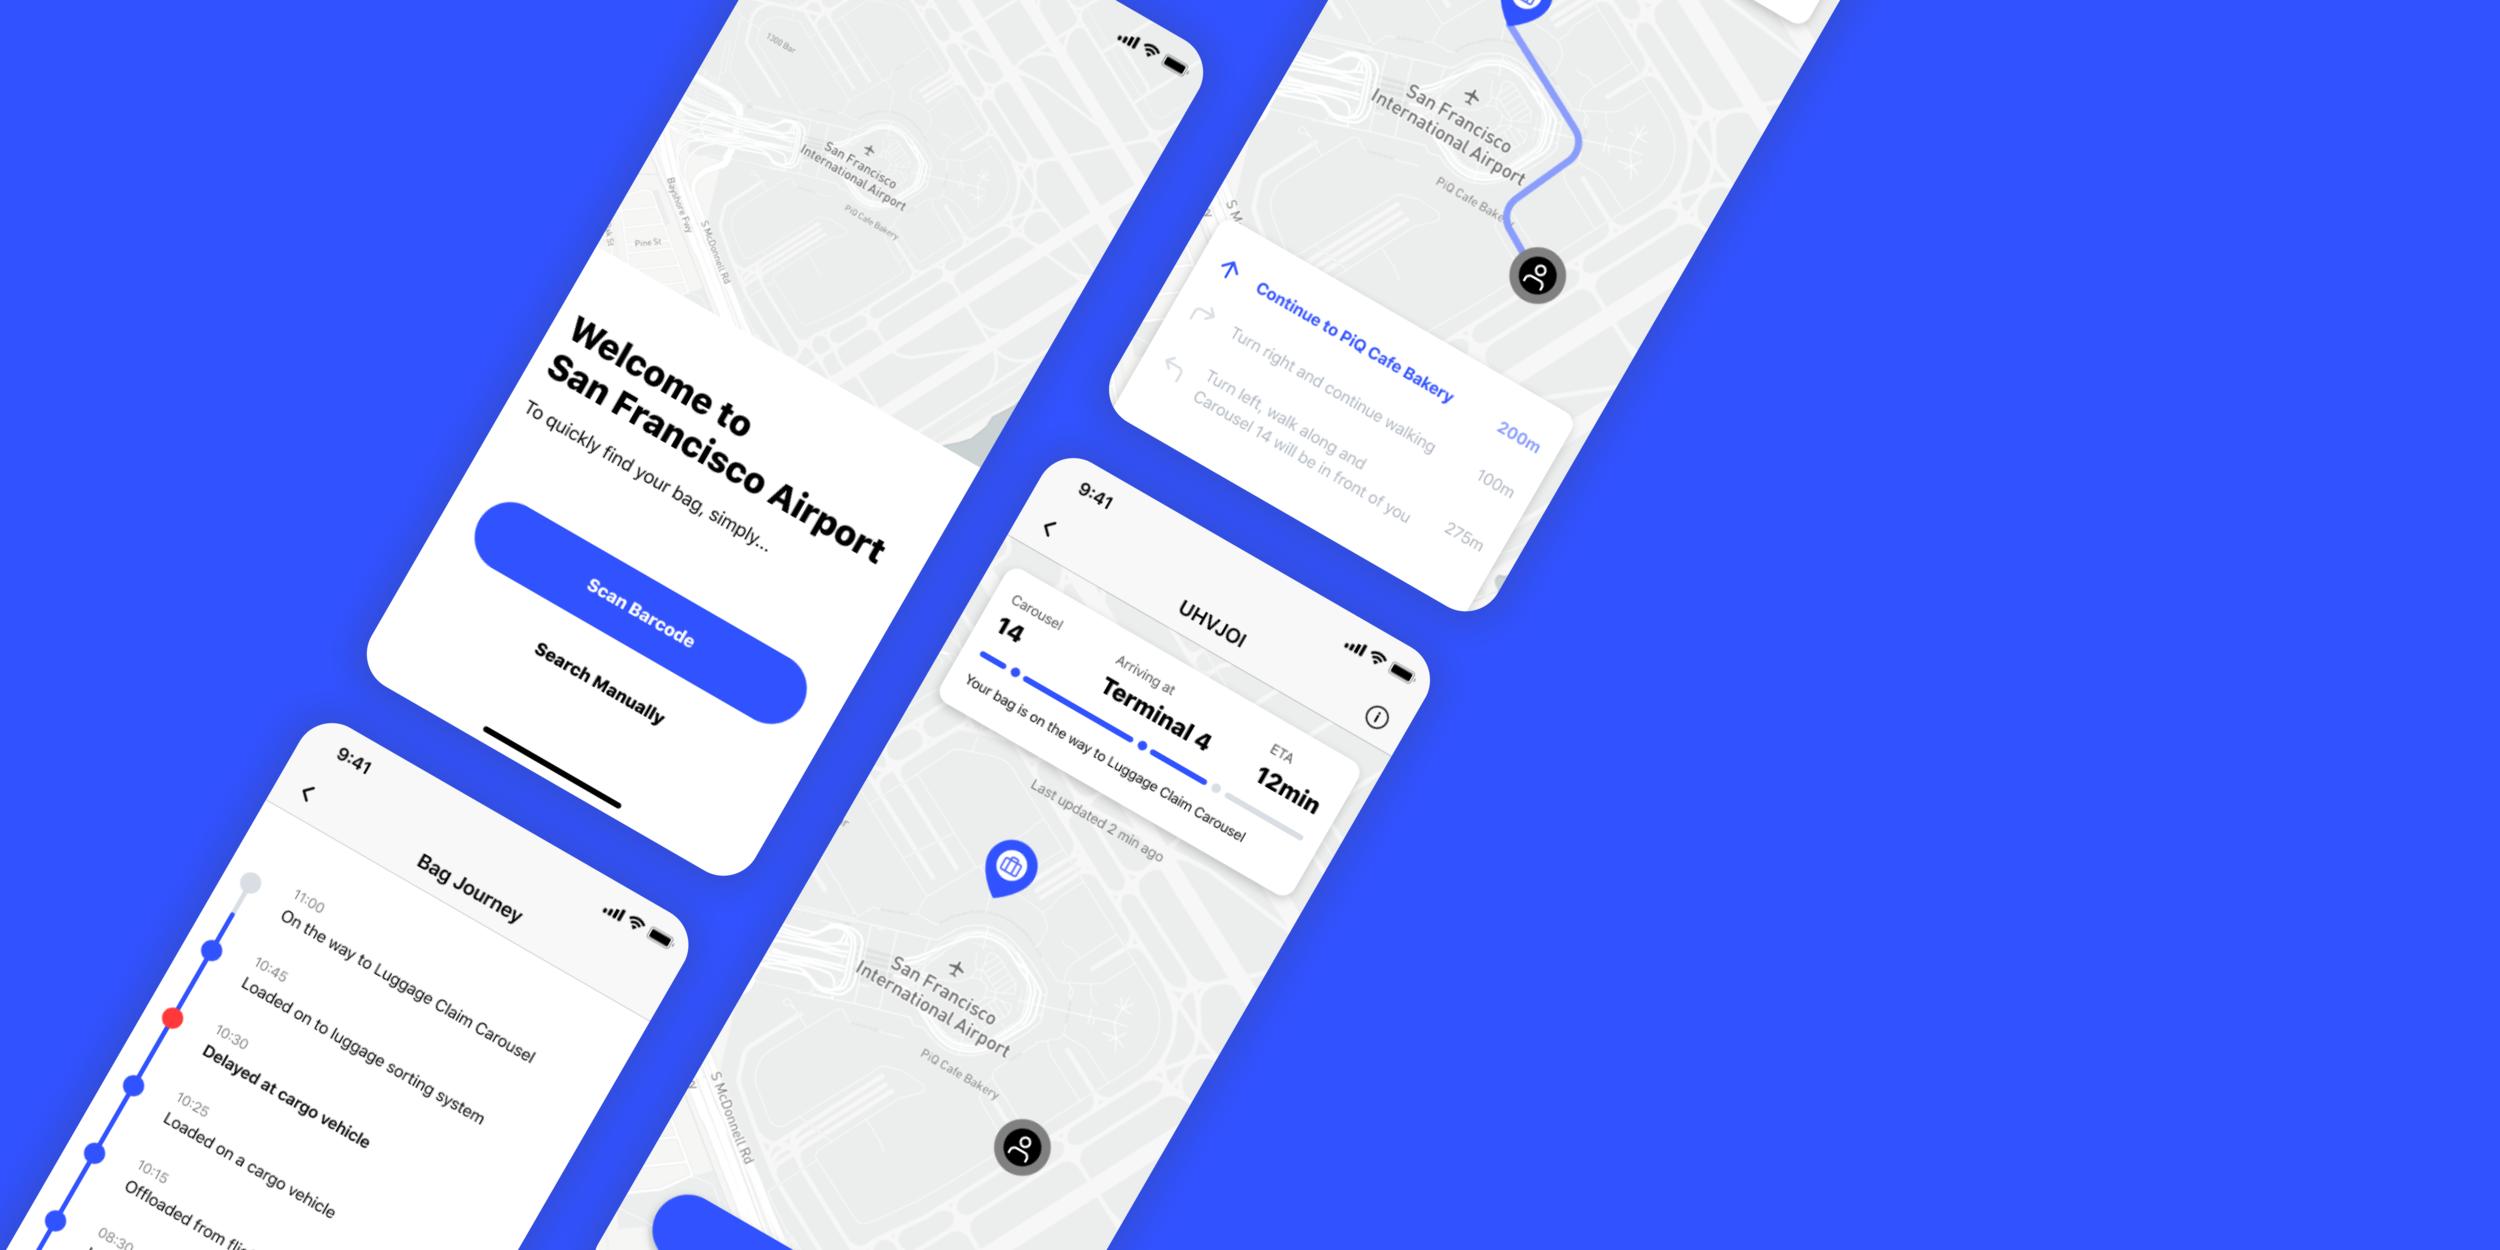 uber-design-mockup-long.png